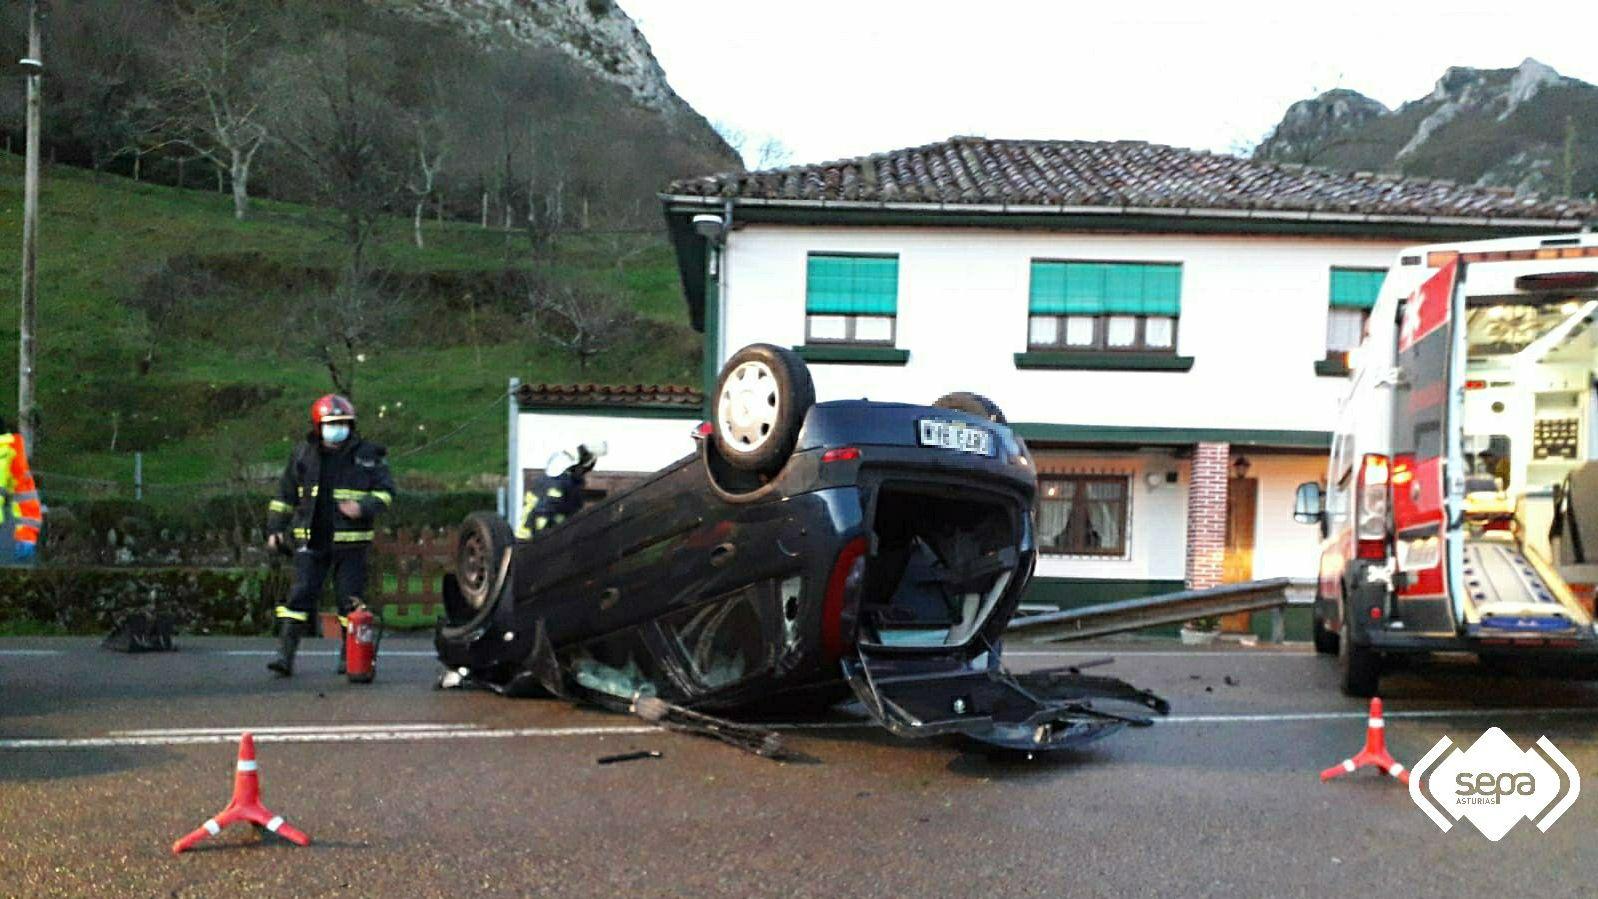 La borrasca «Karim» desploma el techo del polideportivo de El Berrón.Accidente de tráfico en Fríes, en Ribadesella